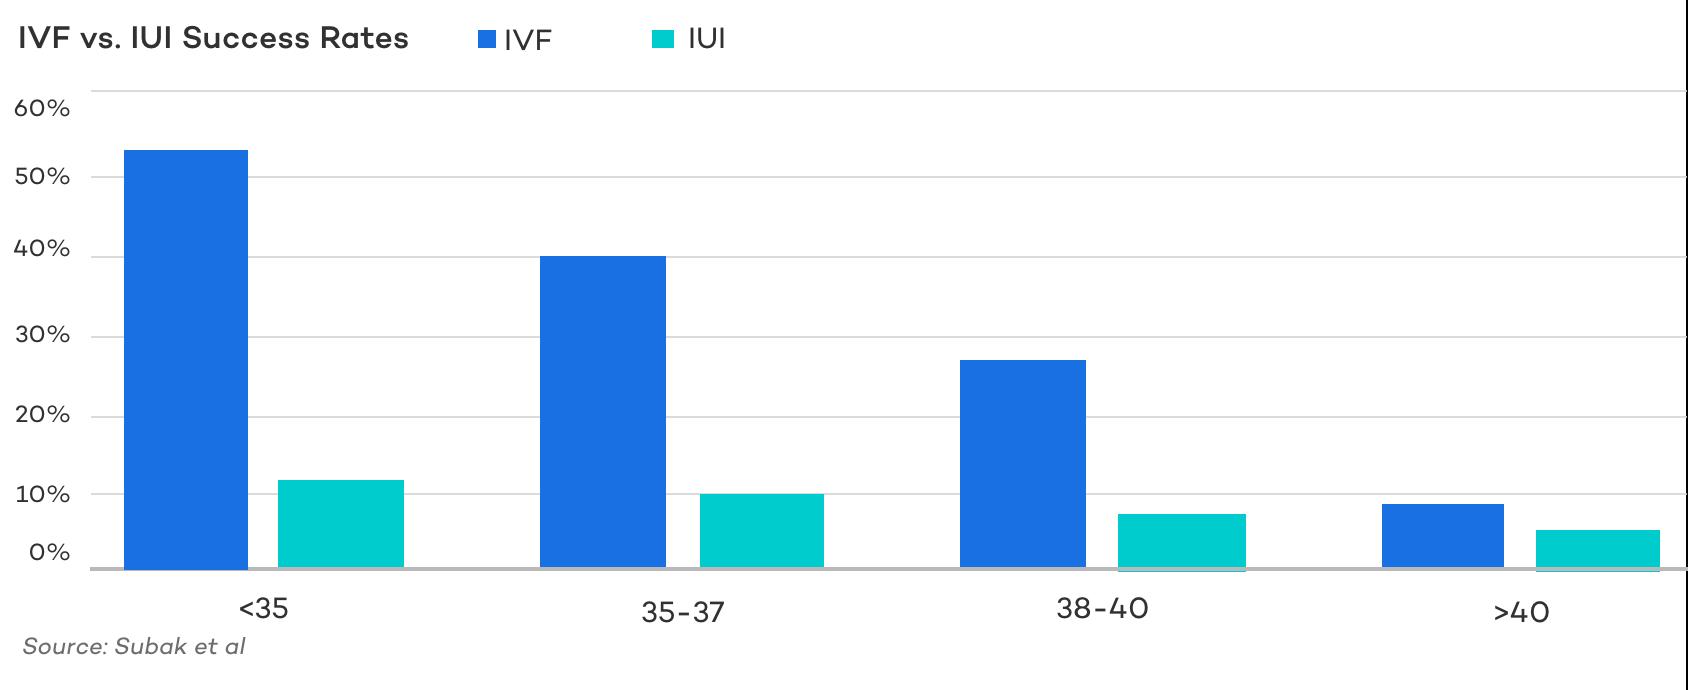 IVF vs. IUI Success Rates